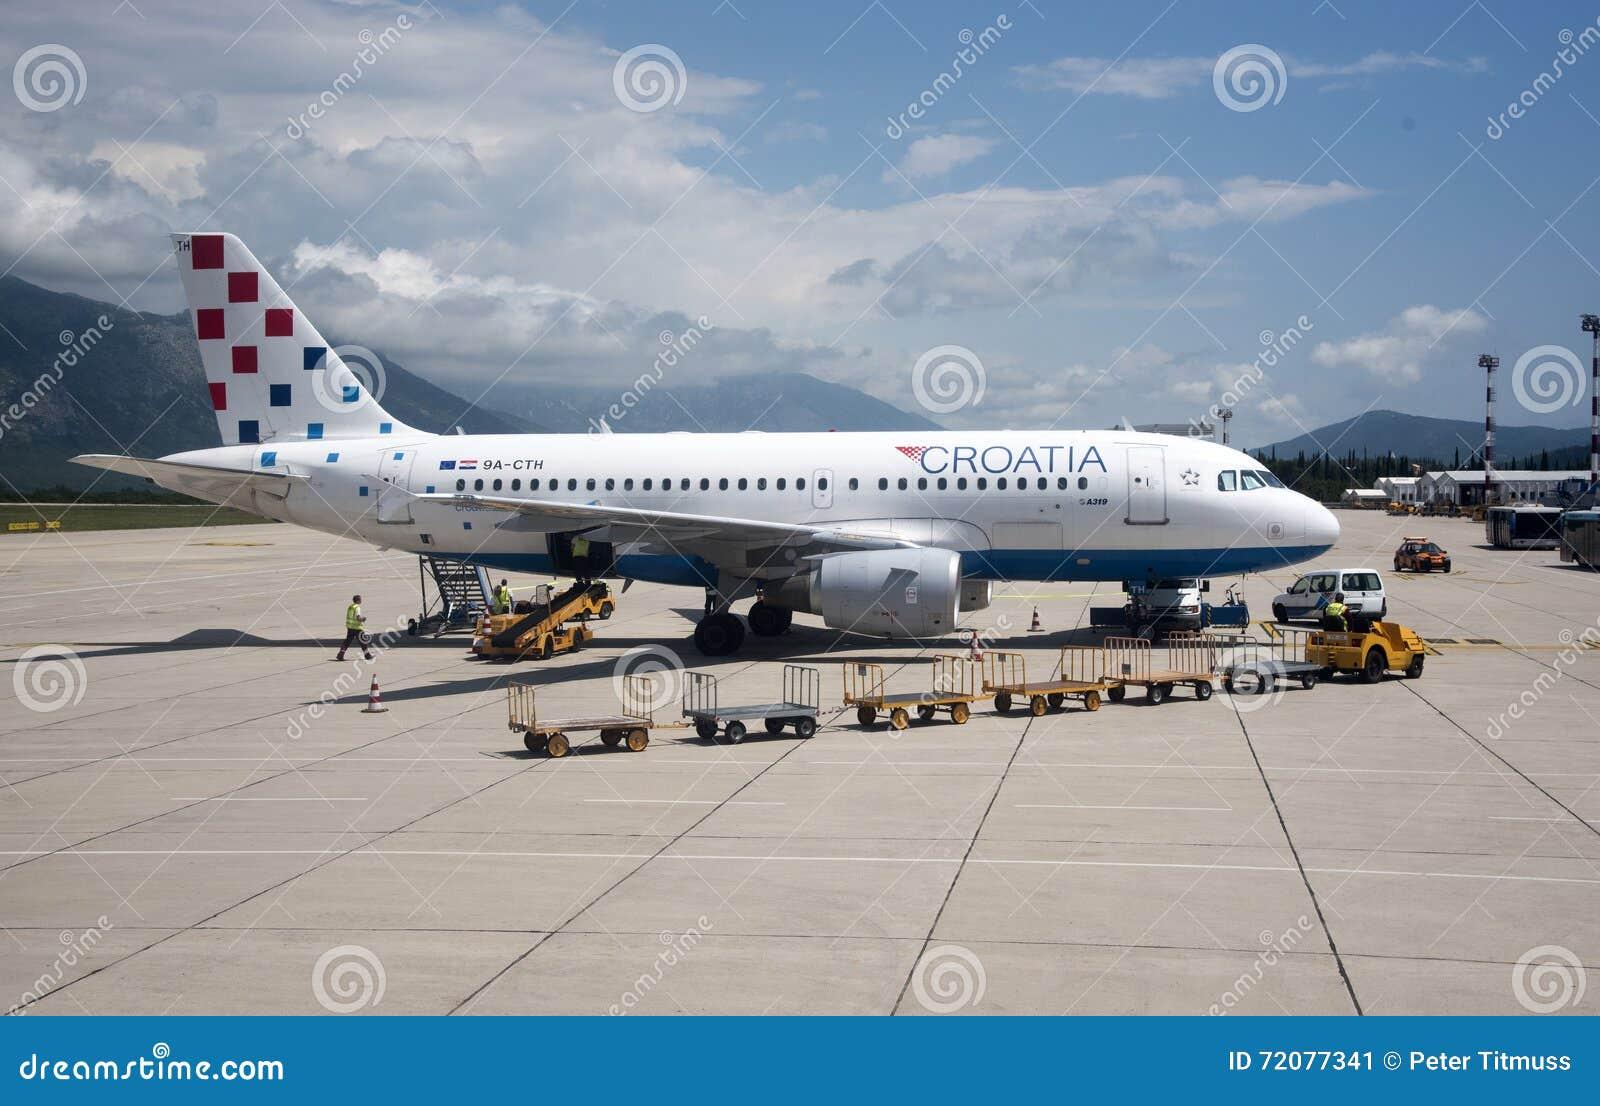 pas mal ecd85 34ef5 Aéroport De Dubrovnik Avec Le Jet Et Le Chariot à Bagages ...